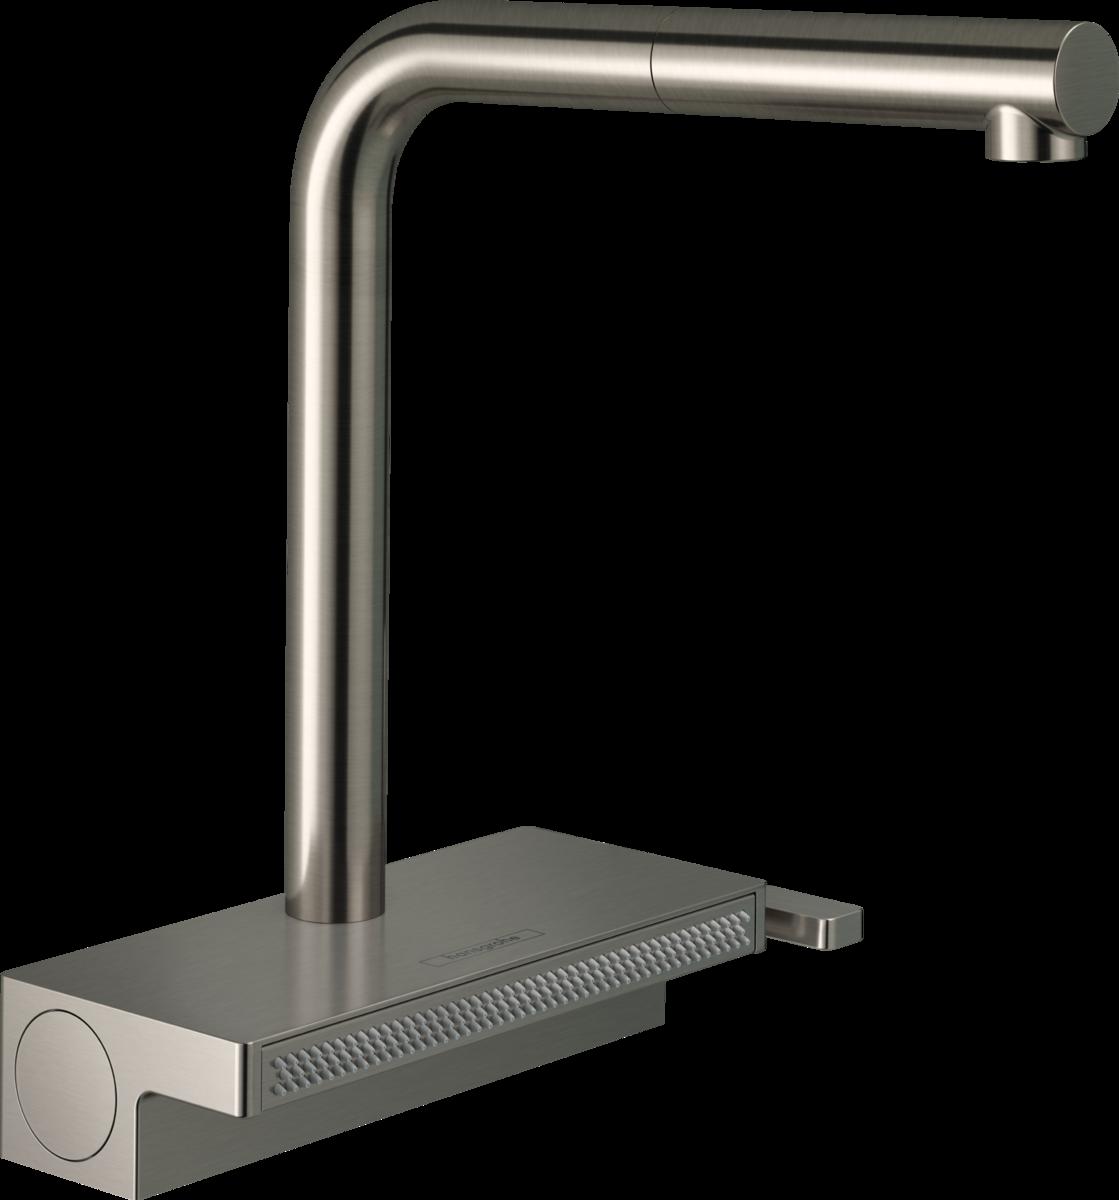 Змішувач Aguno Select 250 2jet кухонний з витяжним виливом Sbox (73830800) Stainless Steel